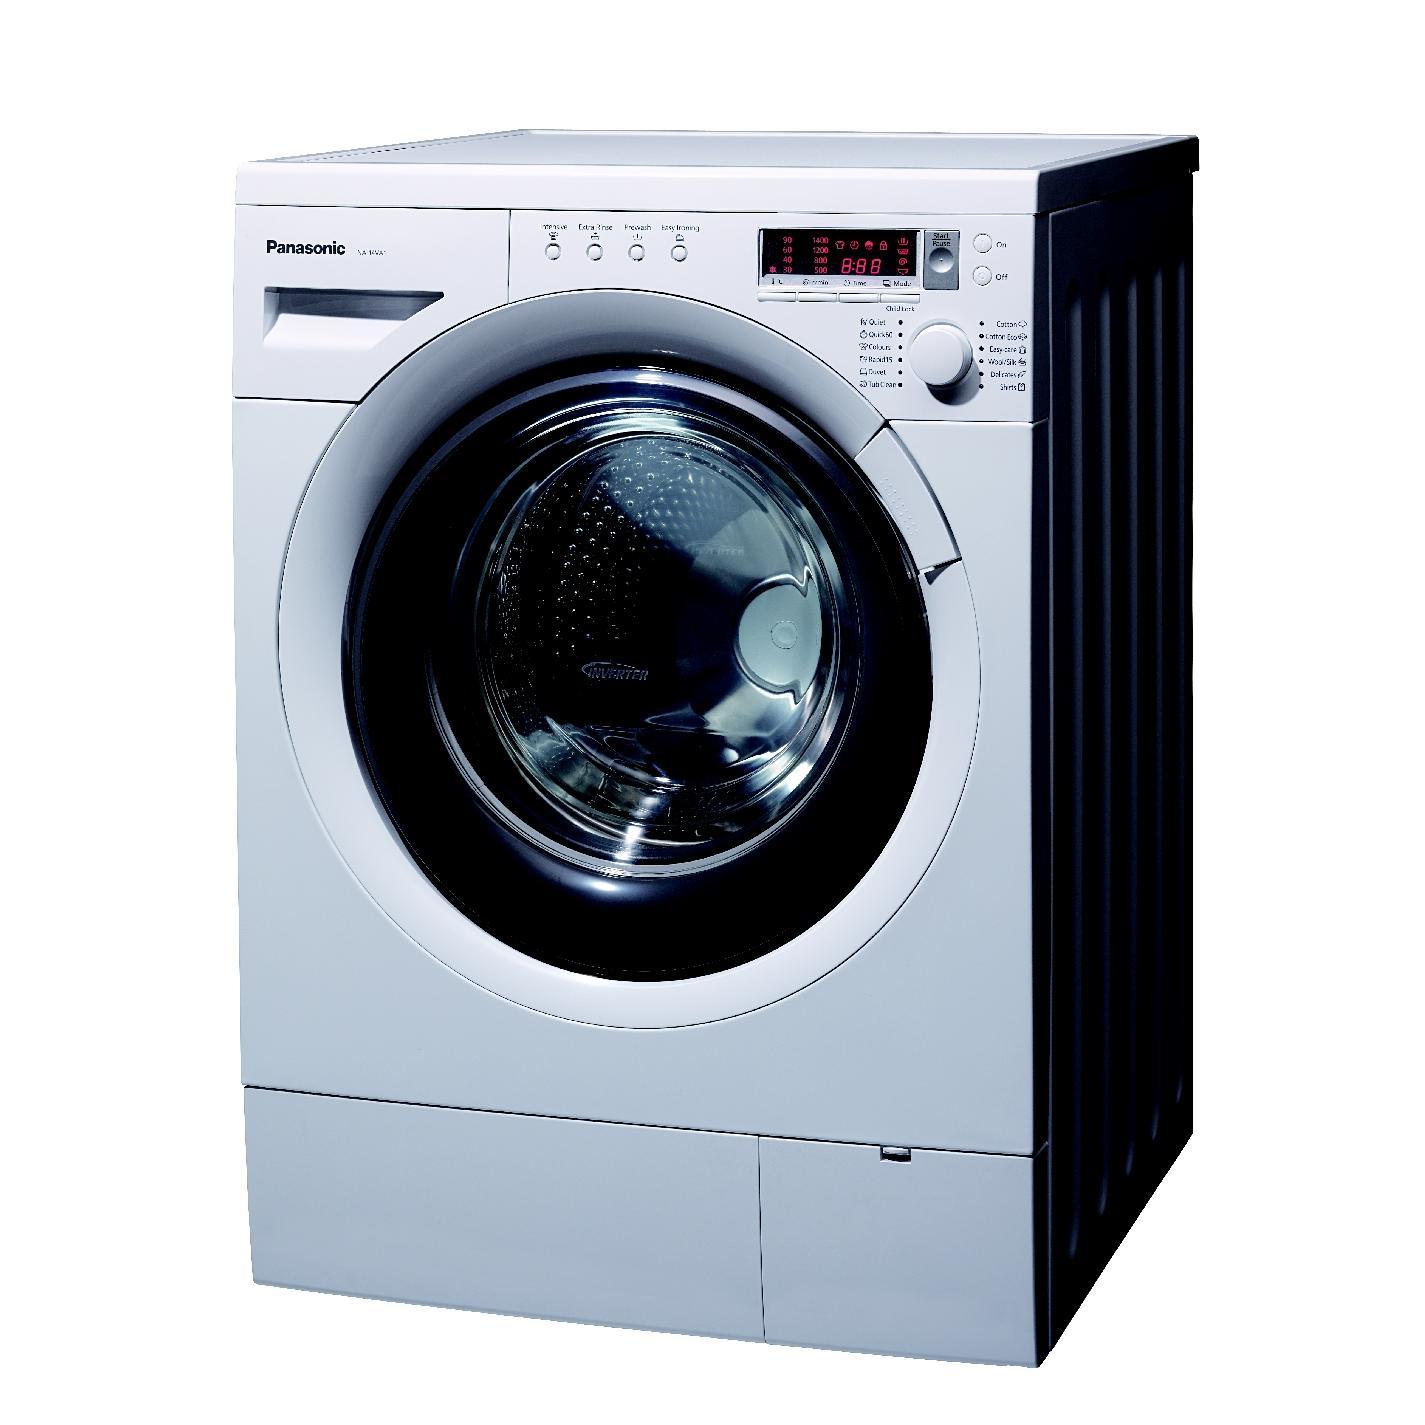 Ремонт стиральных машин электролюкс Багратионовская ремонт стиральных машин АЕГ Южная улица (деревня Лаптево)